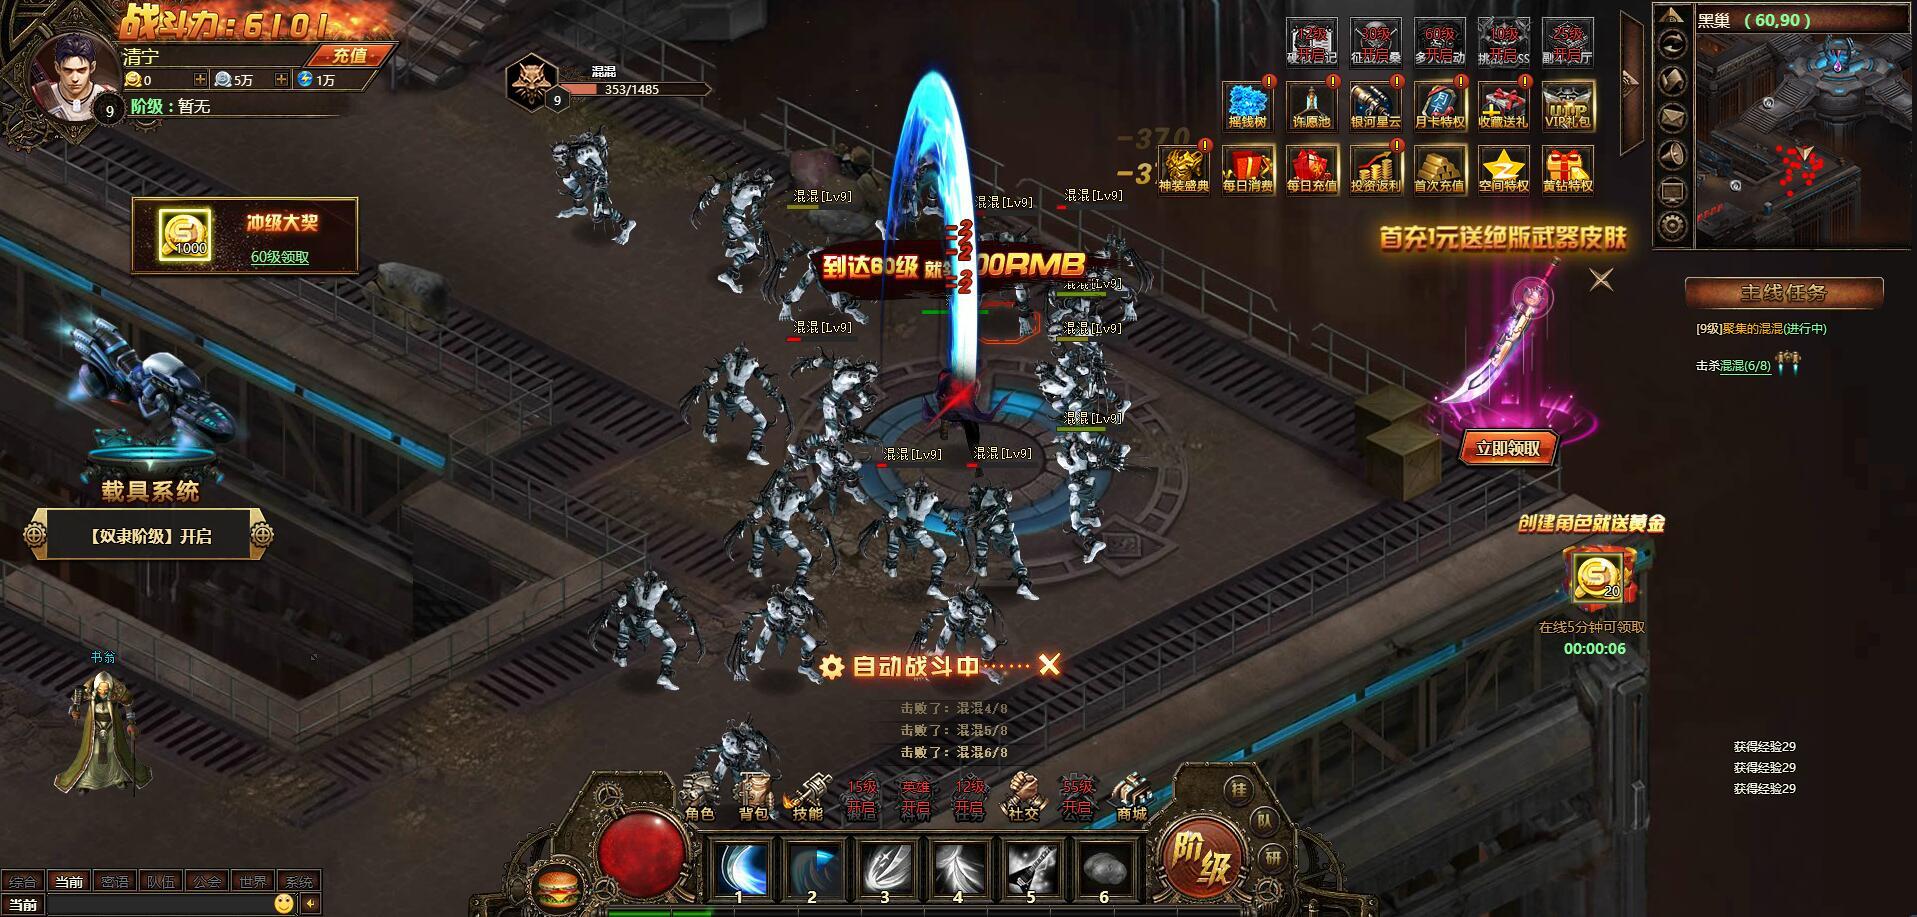 《硬核帝国》游戏截图